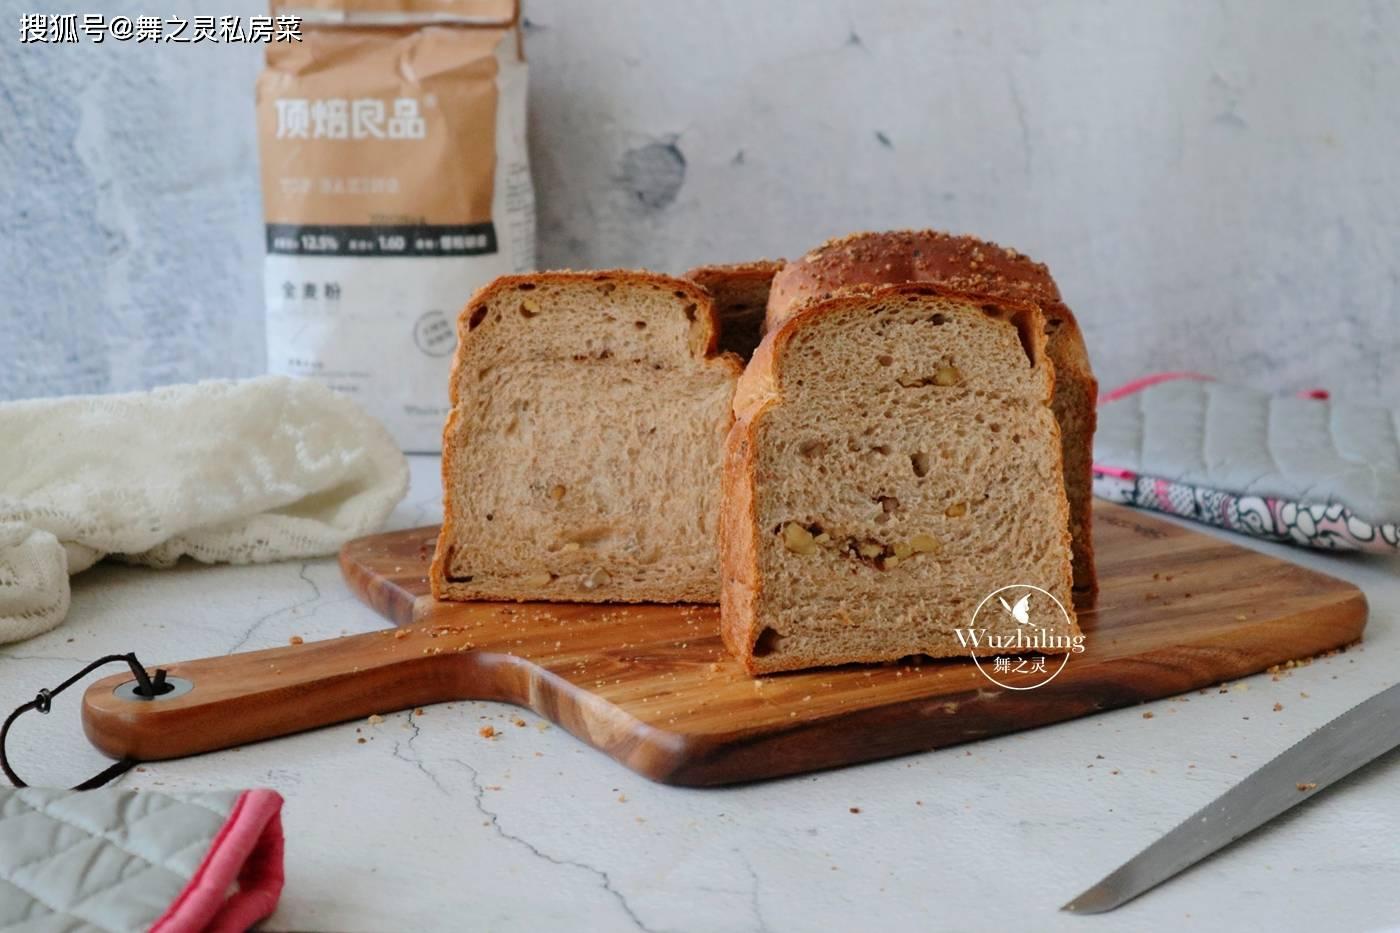 原来这面包真好吃。全麦谷物吃起来还是那么软。收藏。